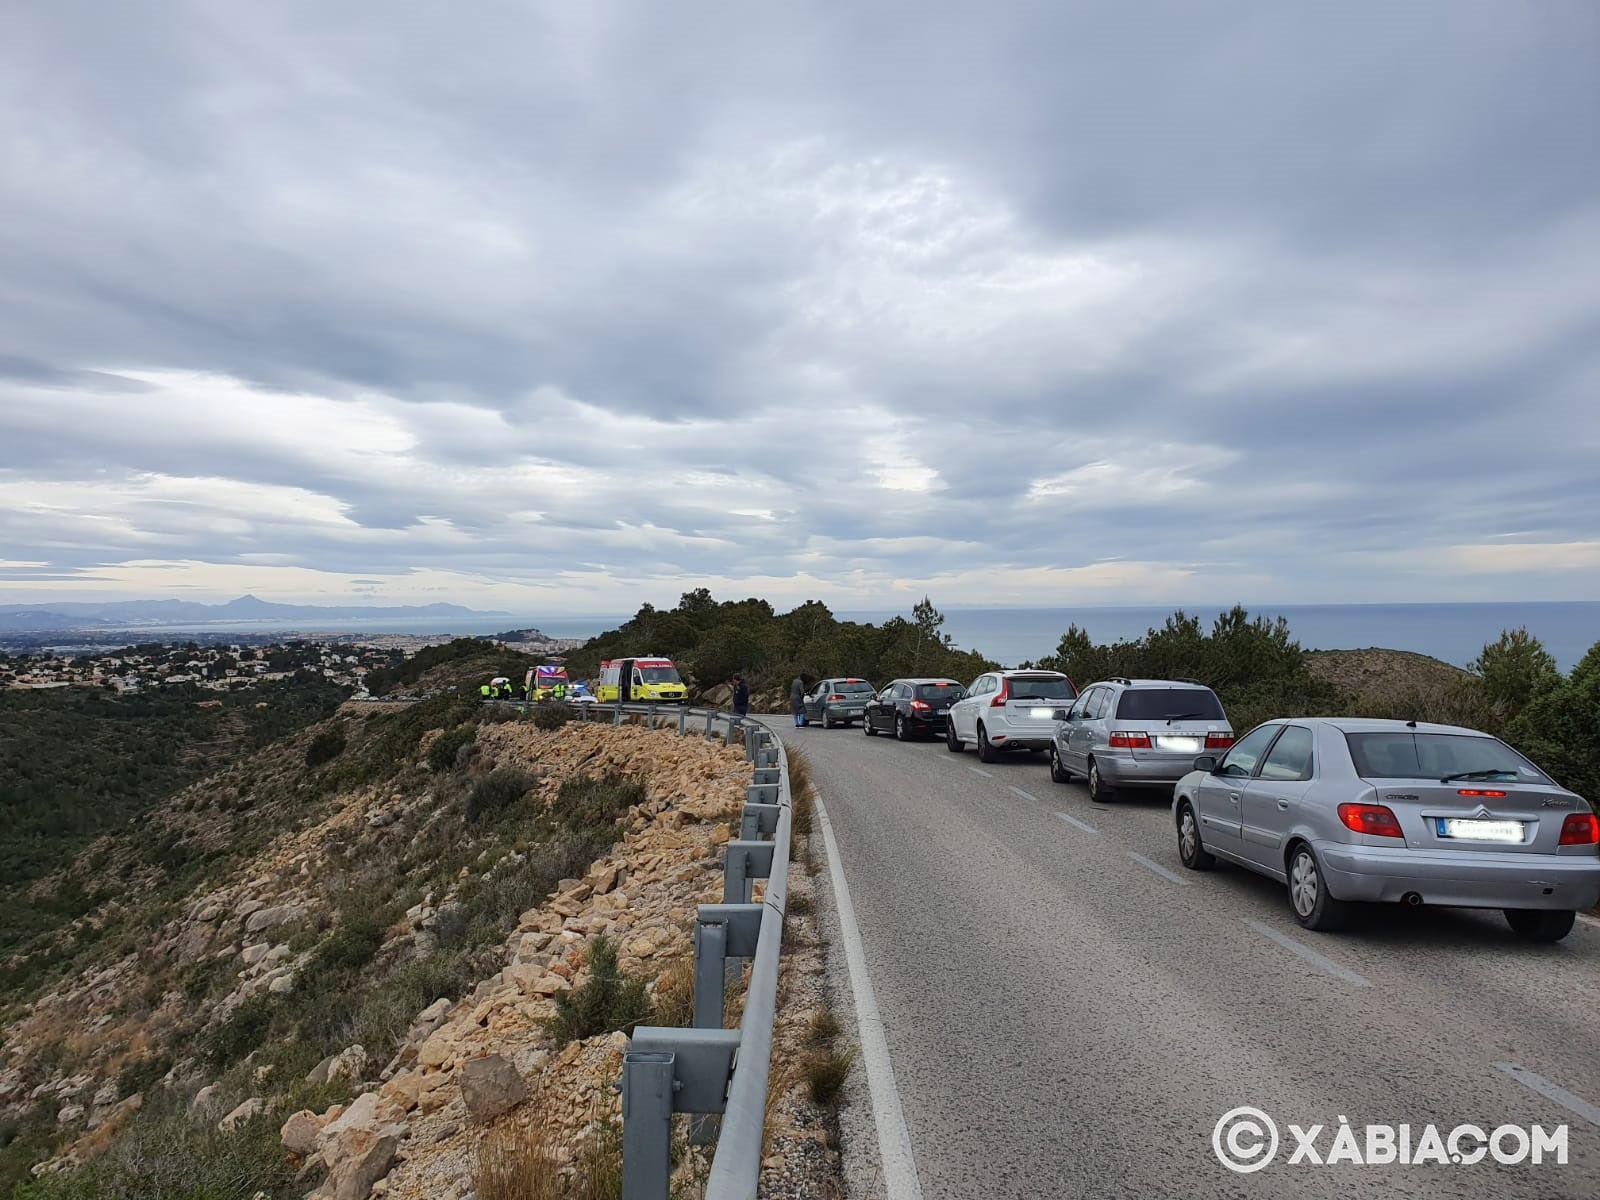 Retención de vehículos por el accidente en la carretera de las planas